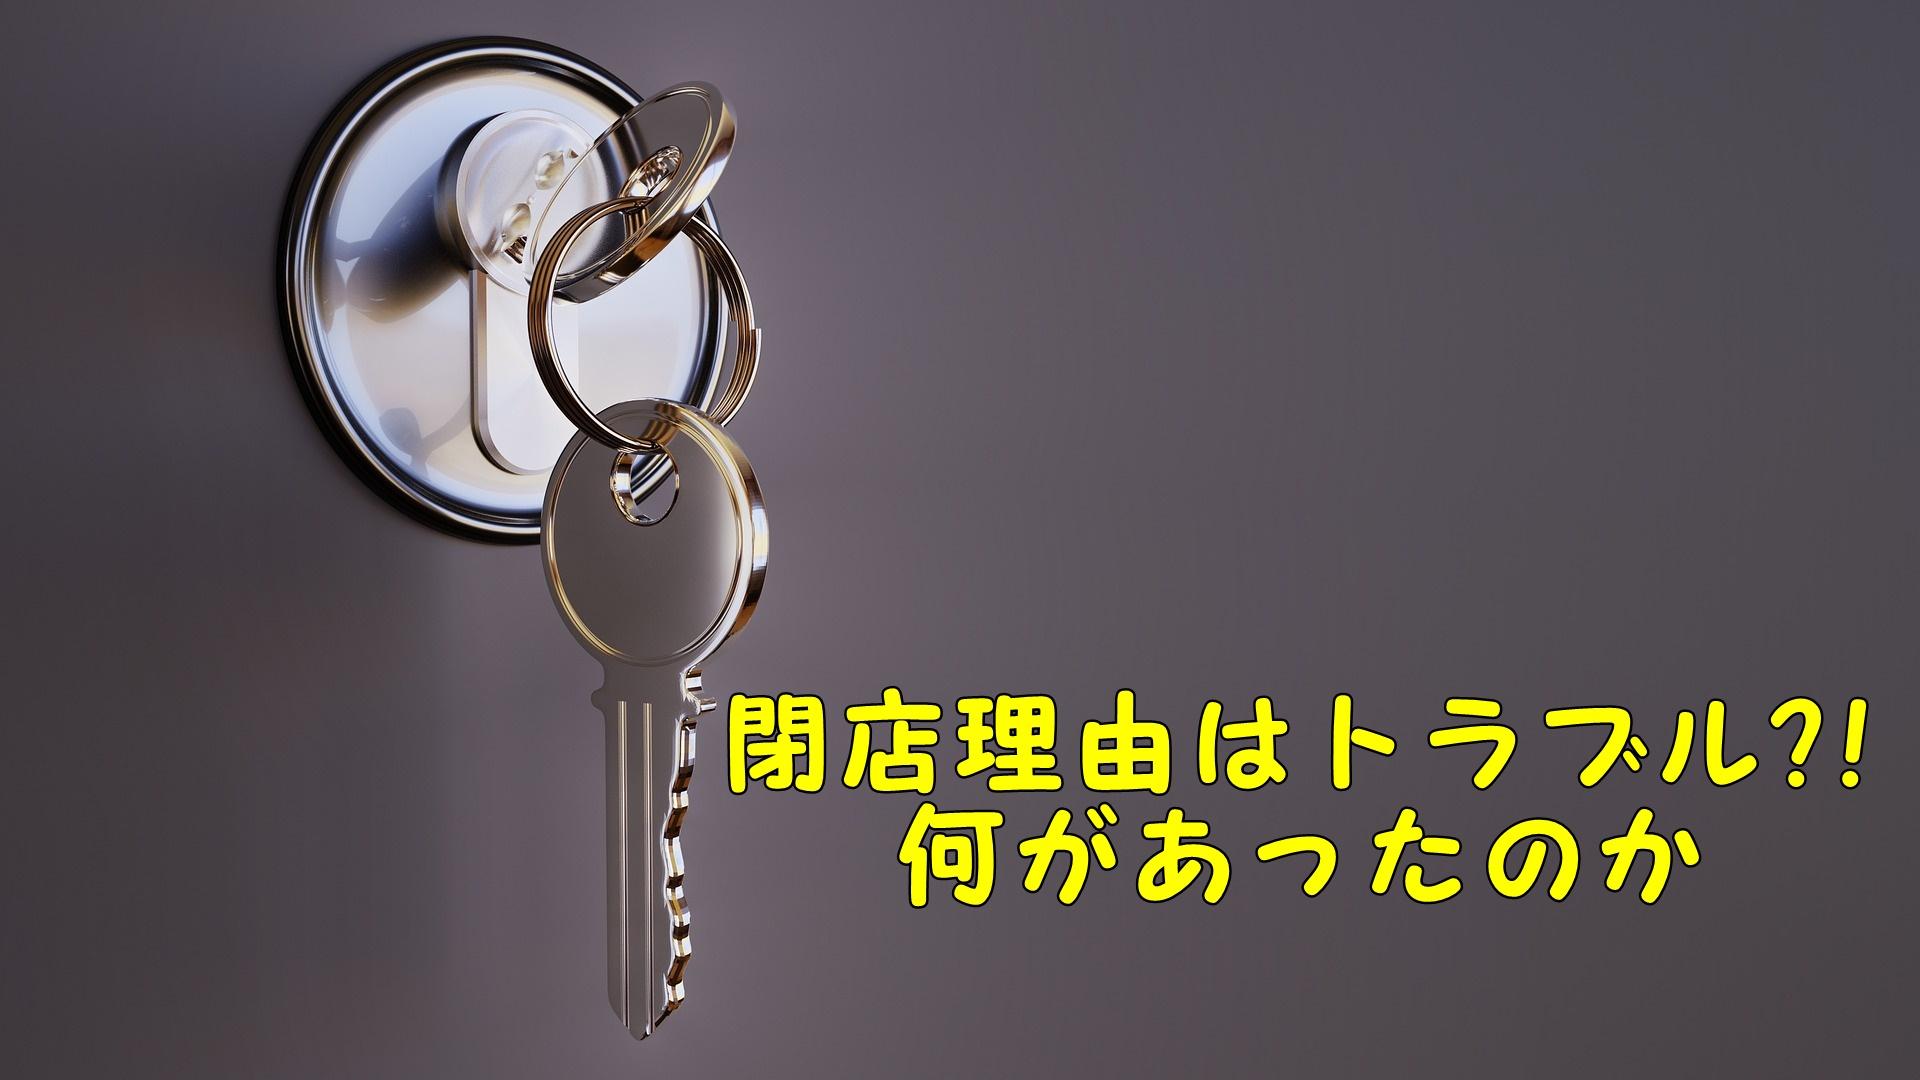 ウェアハウス川崎の閉店理由はトラブル?場所や何する所?